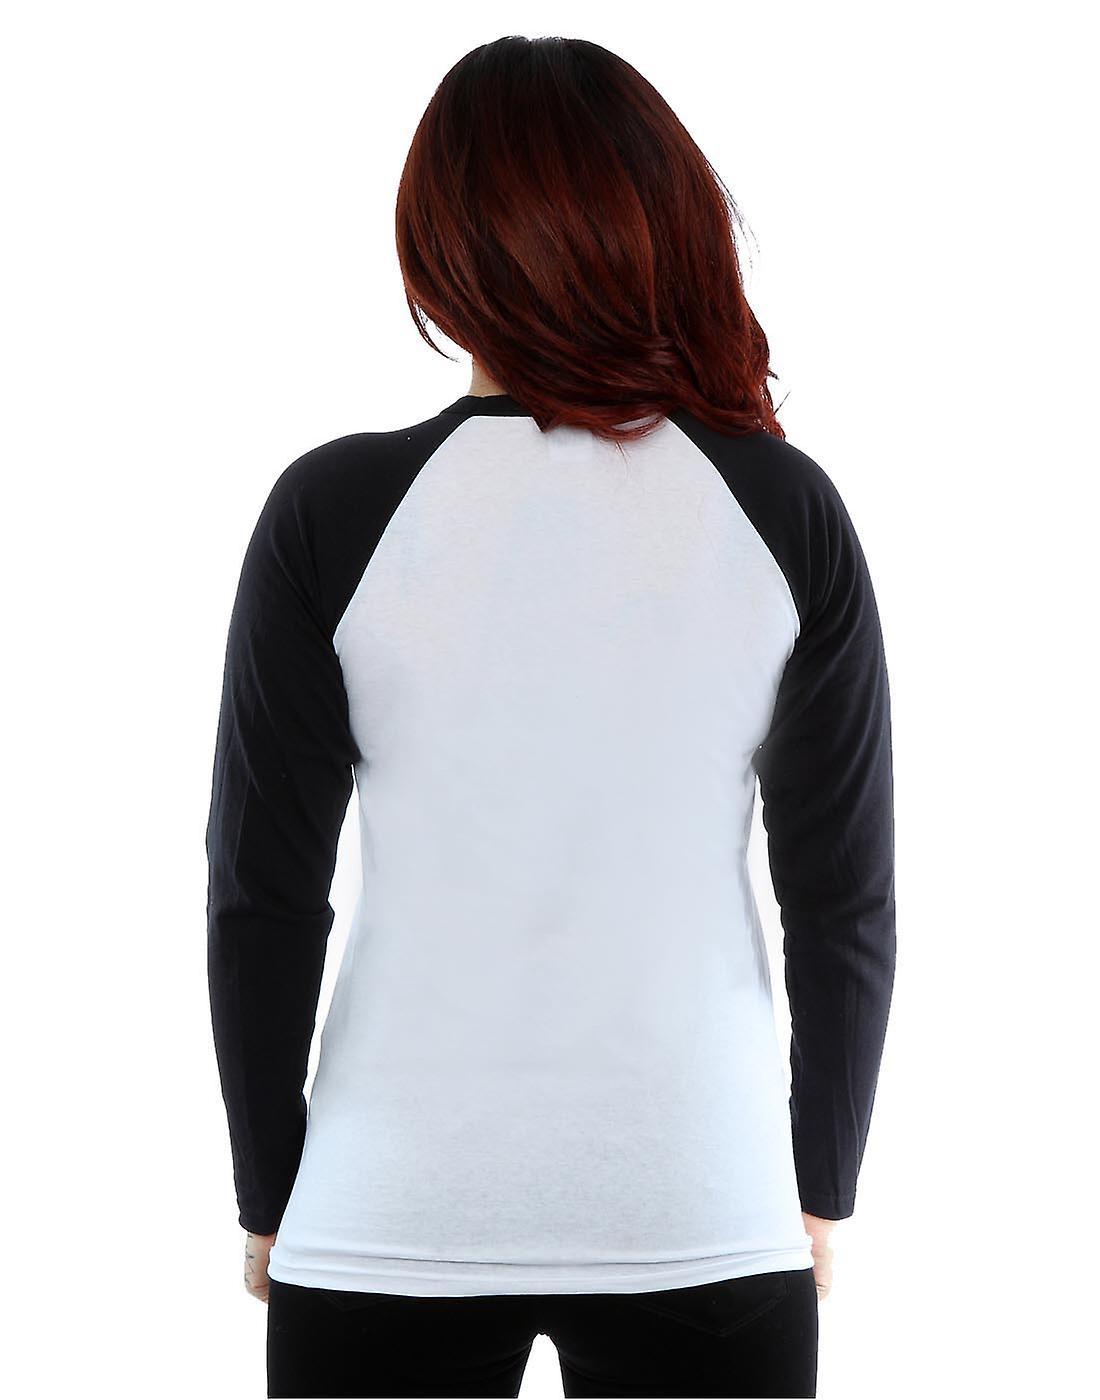 Marvel Women's Deadpool Splat Face Long Sleeved Baseball Shirt